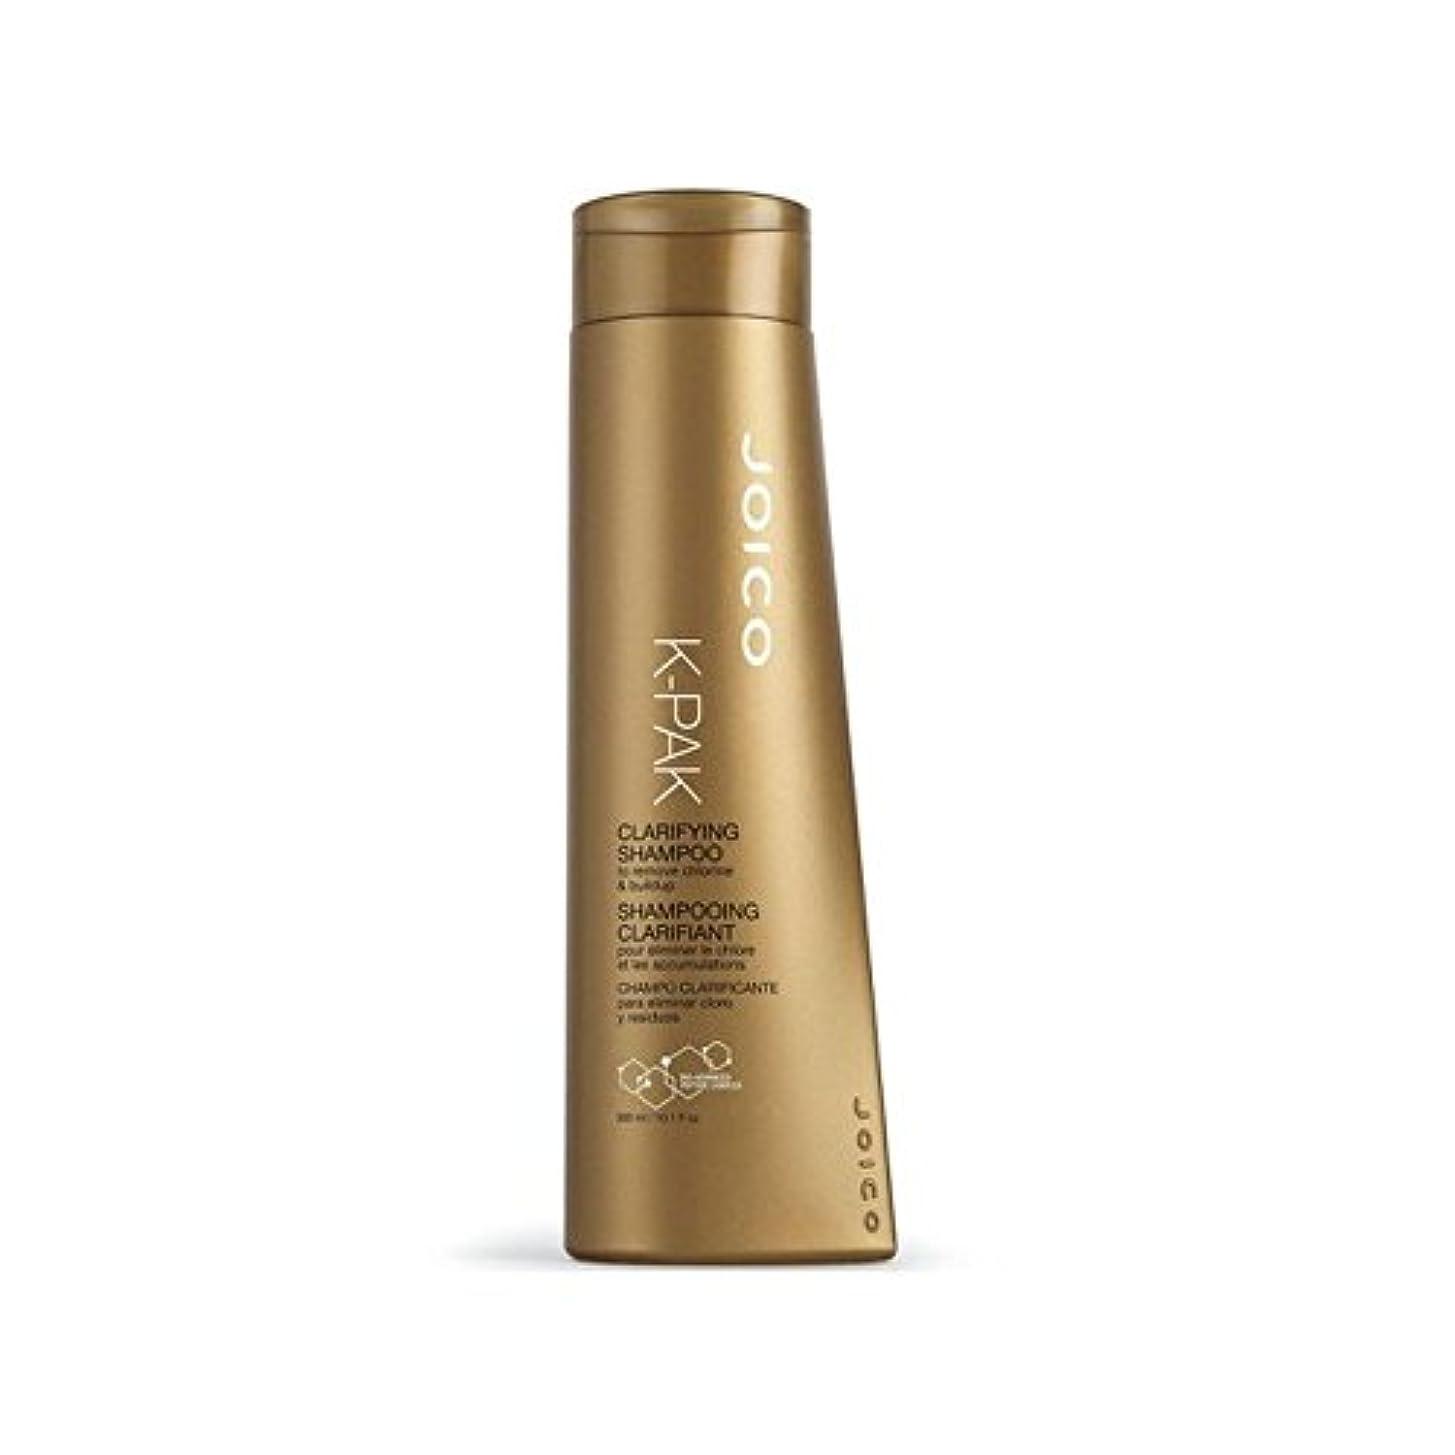 なのでエンコミウムなのでJoico K-Pak Clarifying Shampoo (300ml) - ジョイコ-明確シャンプー(300ミリリットル) [並行輸入品]